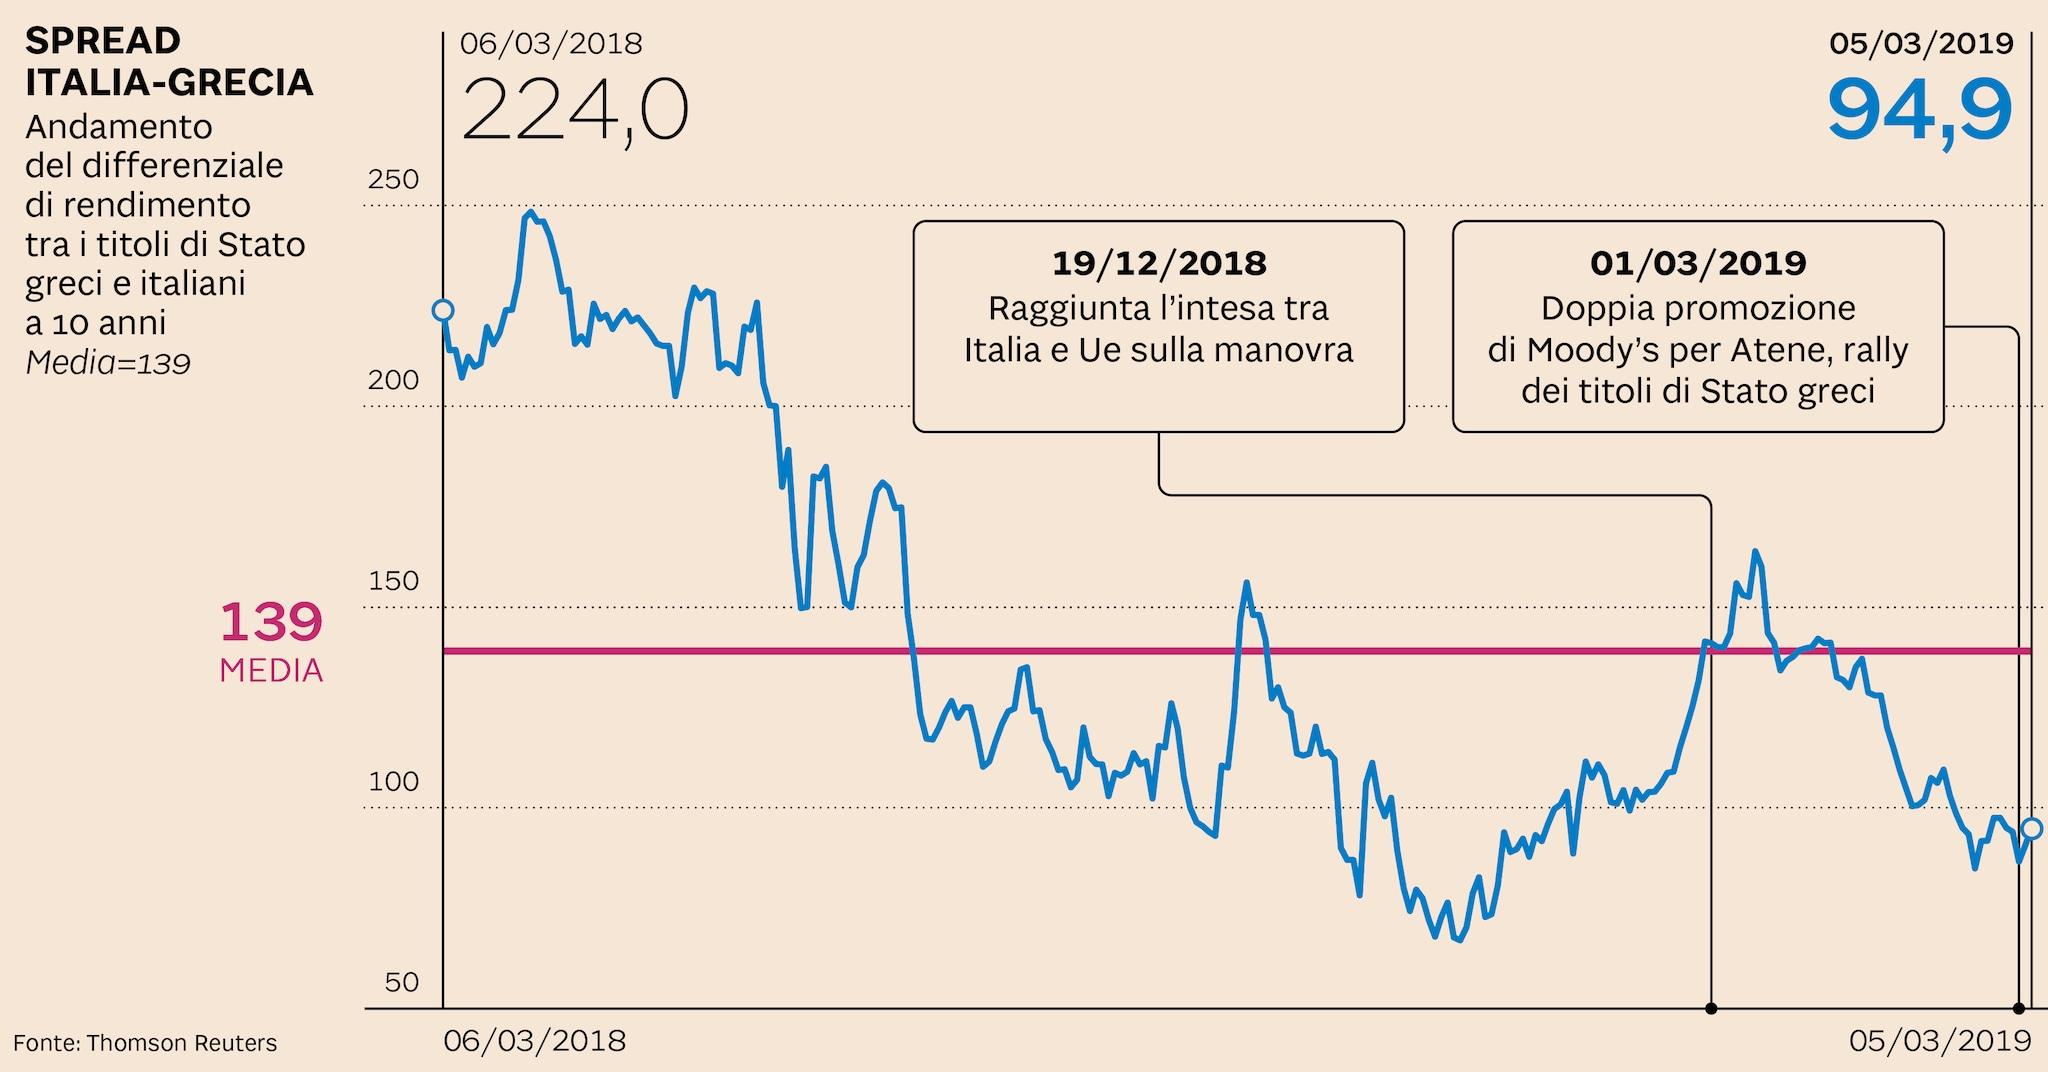 c7acb5b997 Forse più per merito della Grecia che per demerito dell'Italia lo spread  tra i titoli di Stato dei due Paesi è tornato ad assottigliarsi.